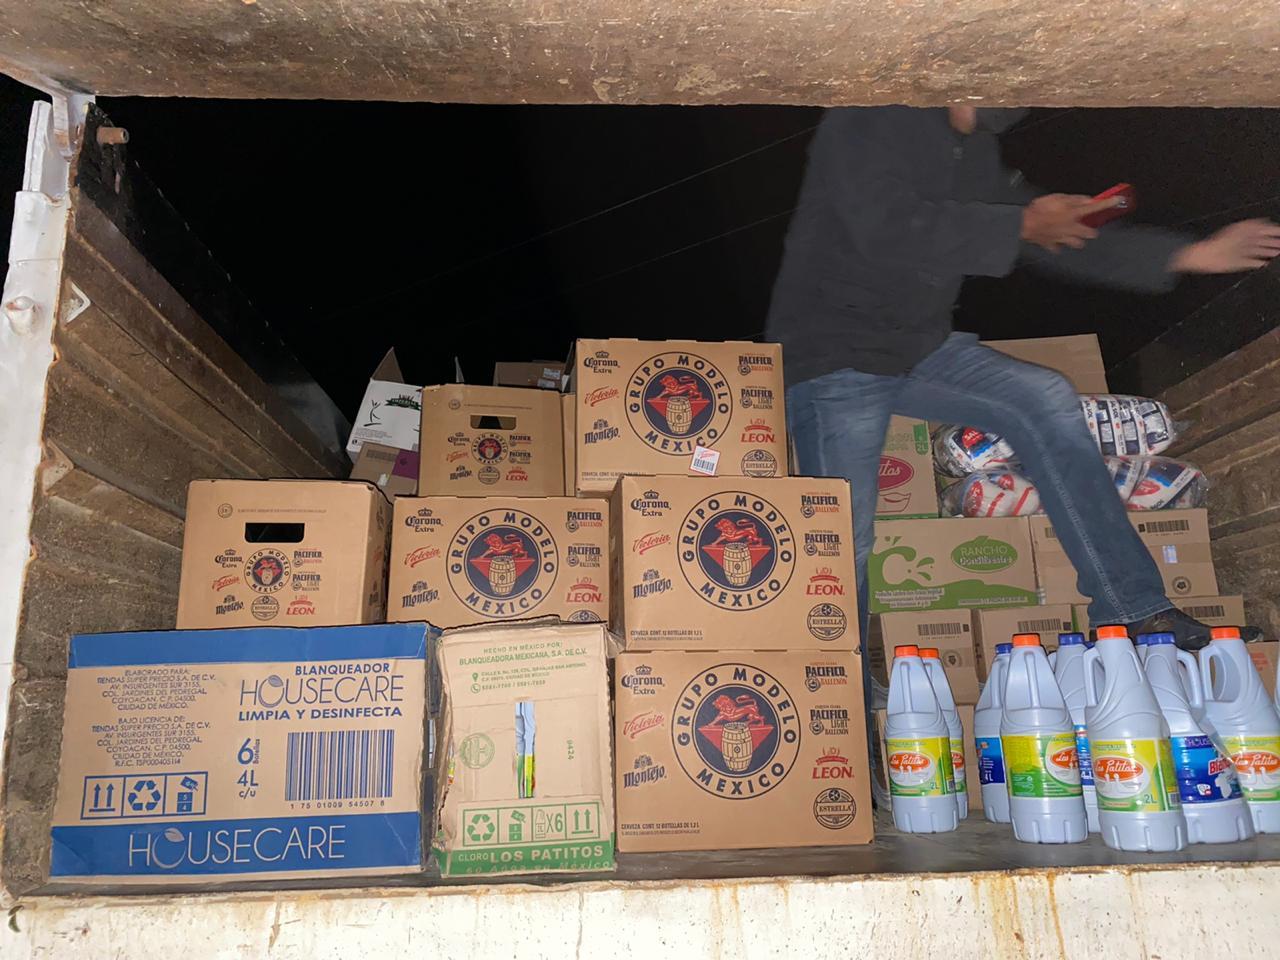 Aseguran mercancía, camión, drogas y dinero en efectivo en Ejutla de Crespo | El Imparcial de Oaxaca